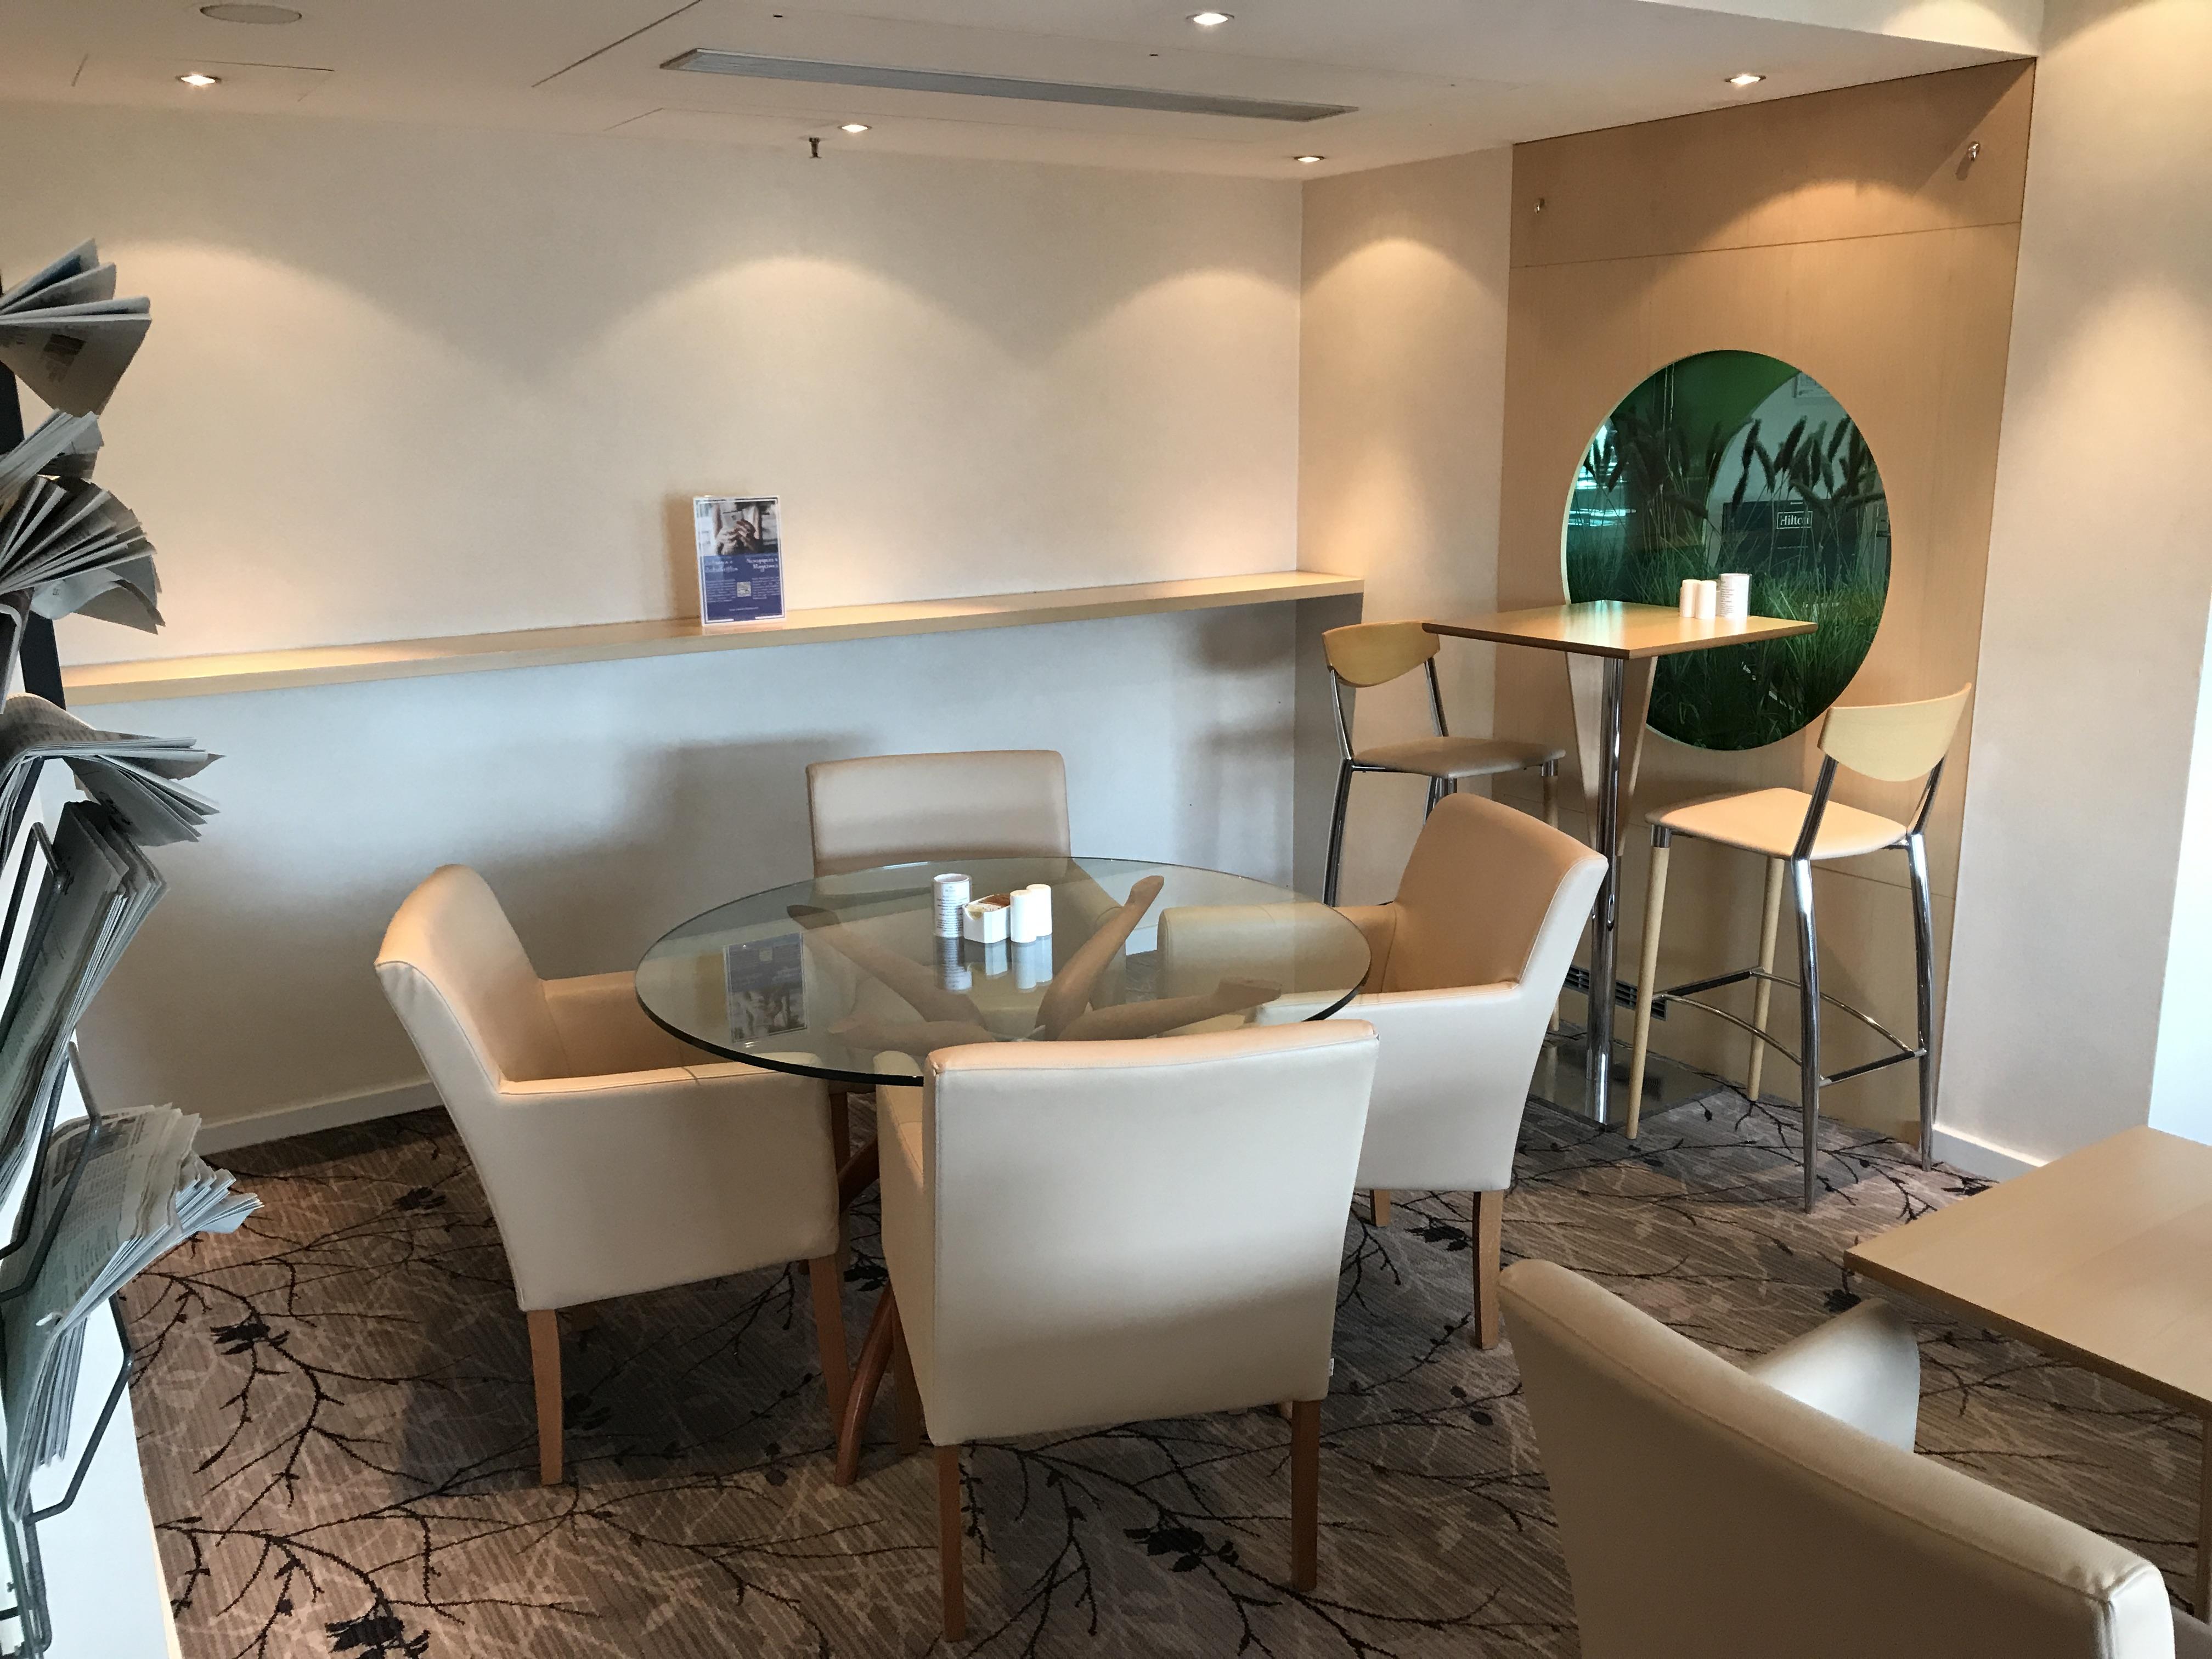 Hilton Düsseldorf Executive Lounge